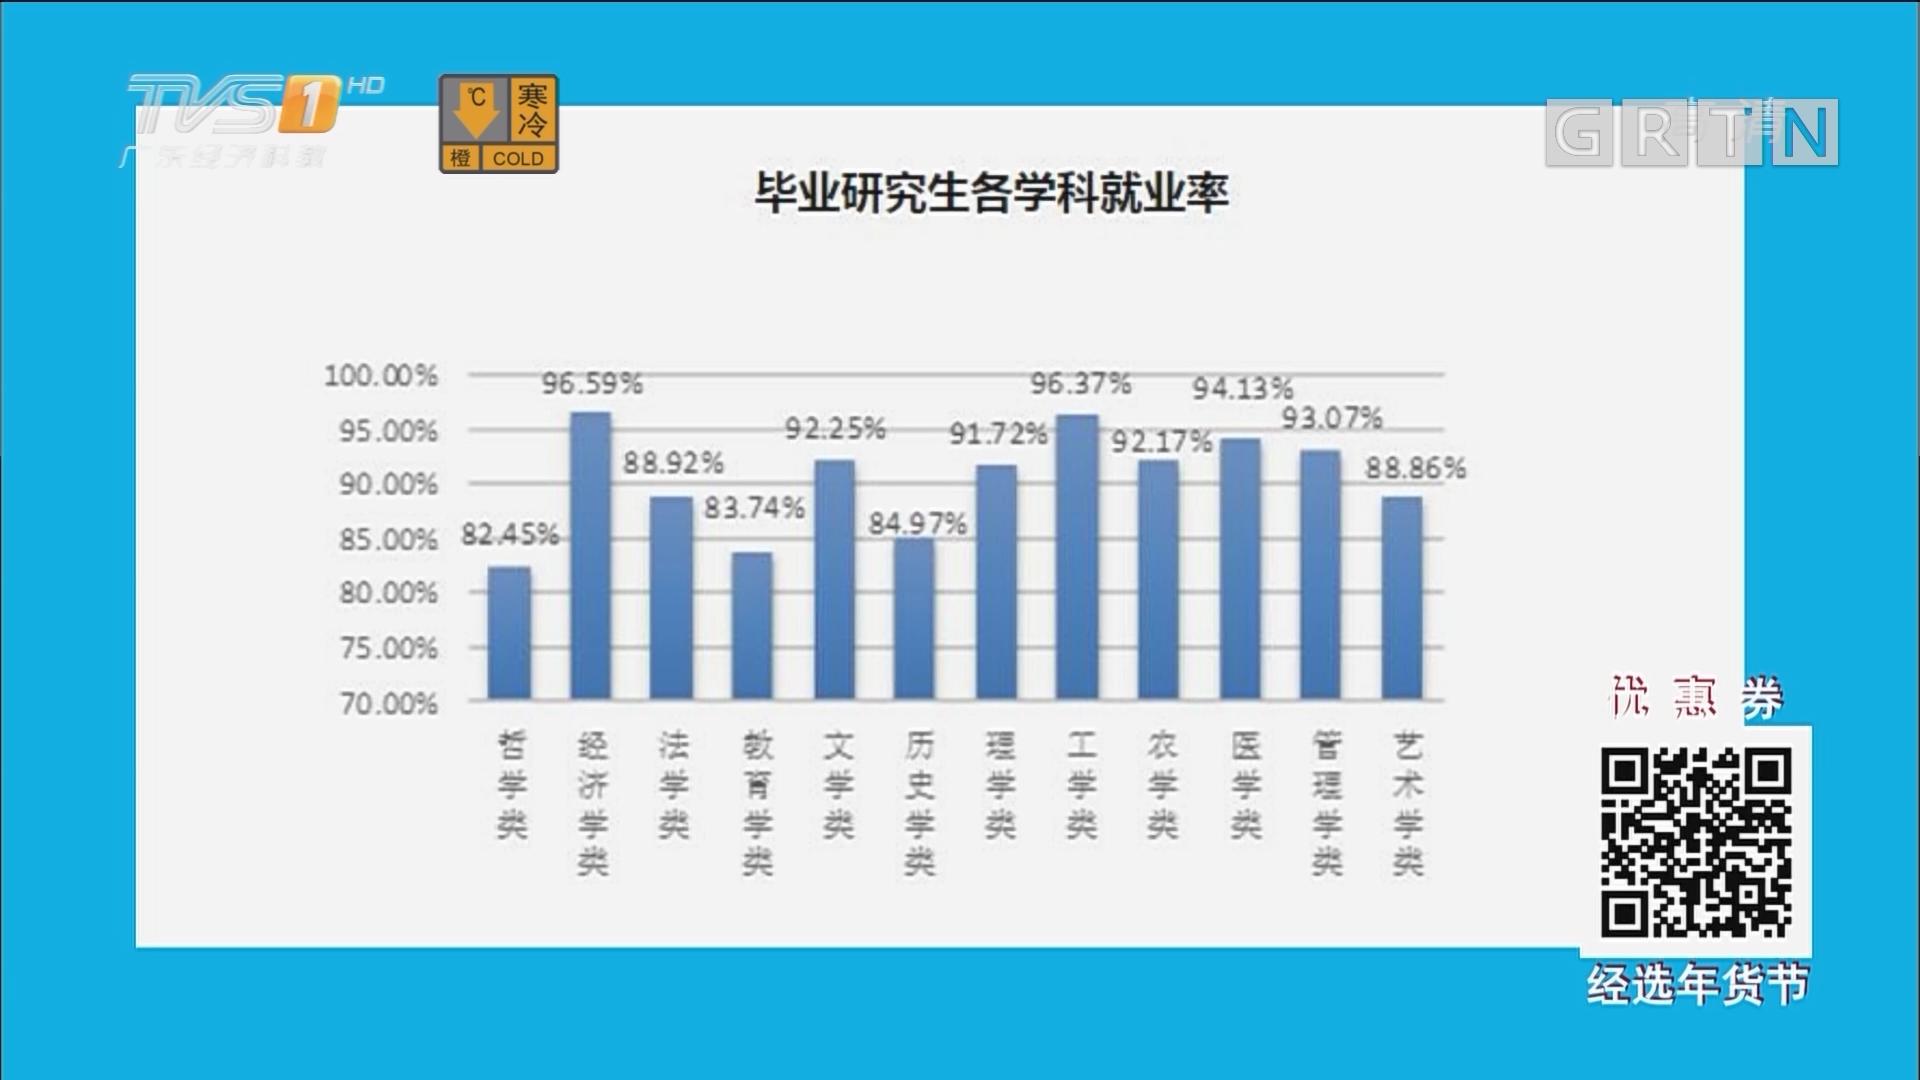 2017年广东高校毕业生就业质量年度报告 这些专业就业率最高!